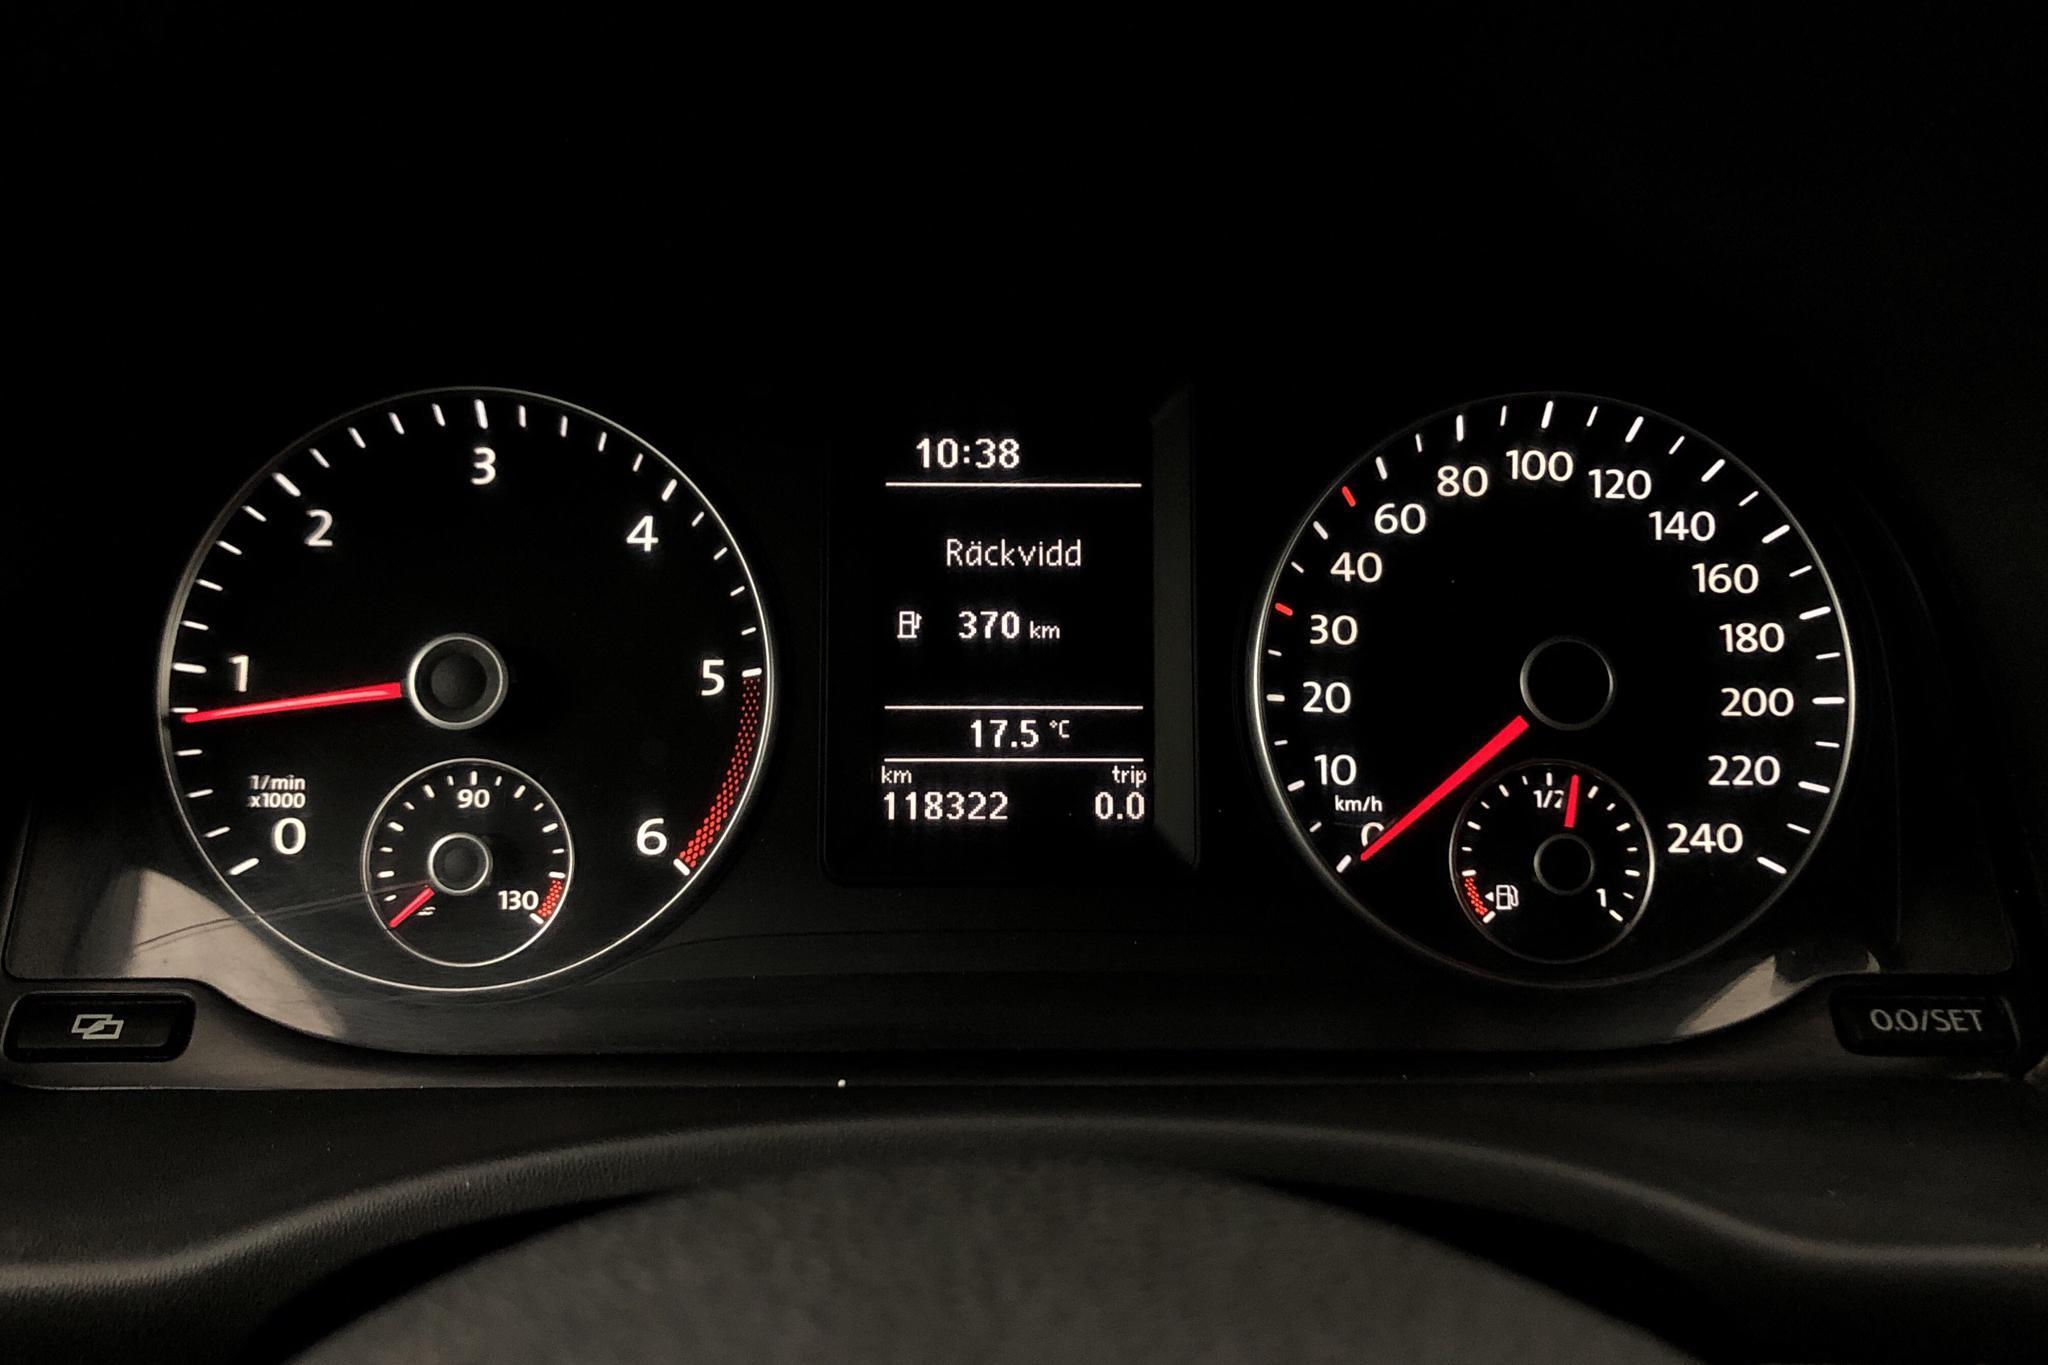 VW Caddy 1.6 TDI Skåp (75hk) - 118 320 km - Manual - white - 2012